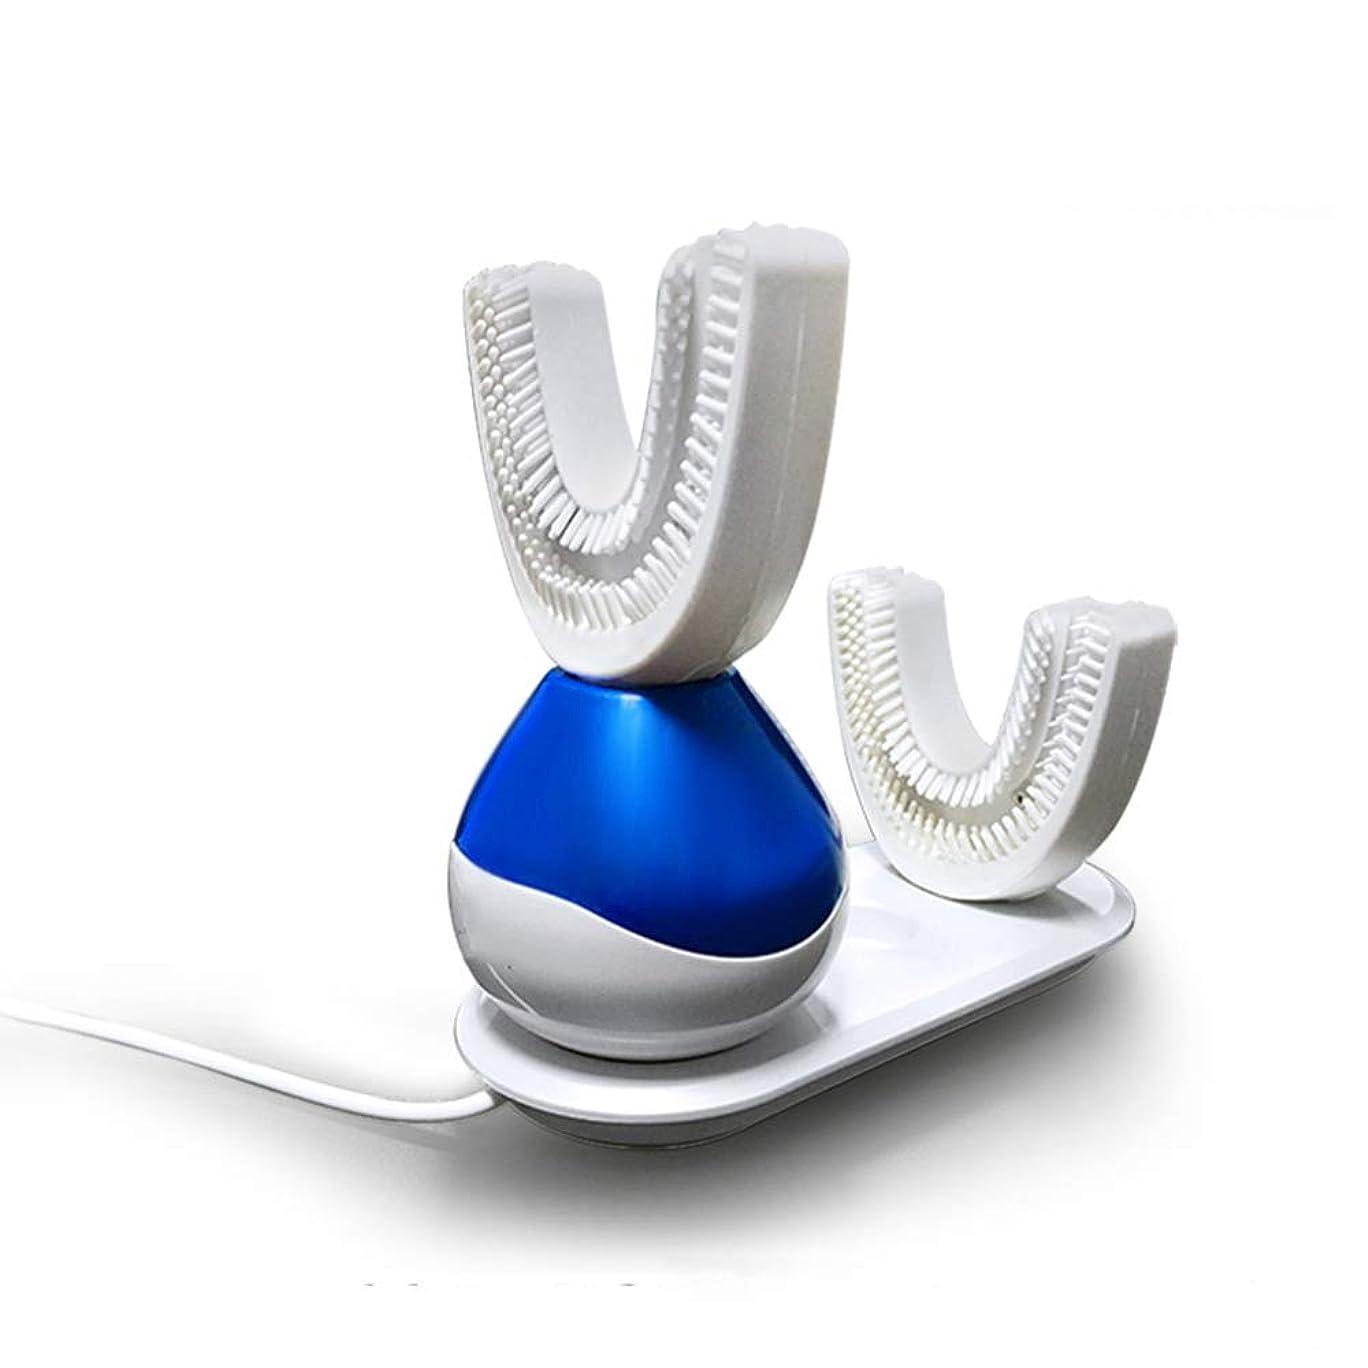 足音お祝いせがむ自動電動歯ブラシ、U型歯ブラシヘッドでブラシをかけられたすべての歯を充電するスマートワイヤレス